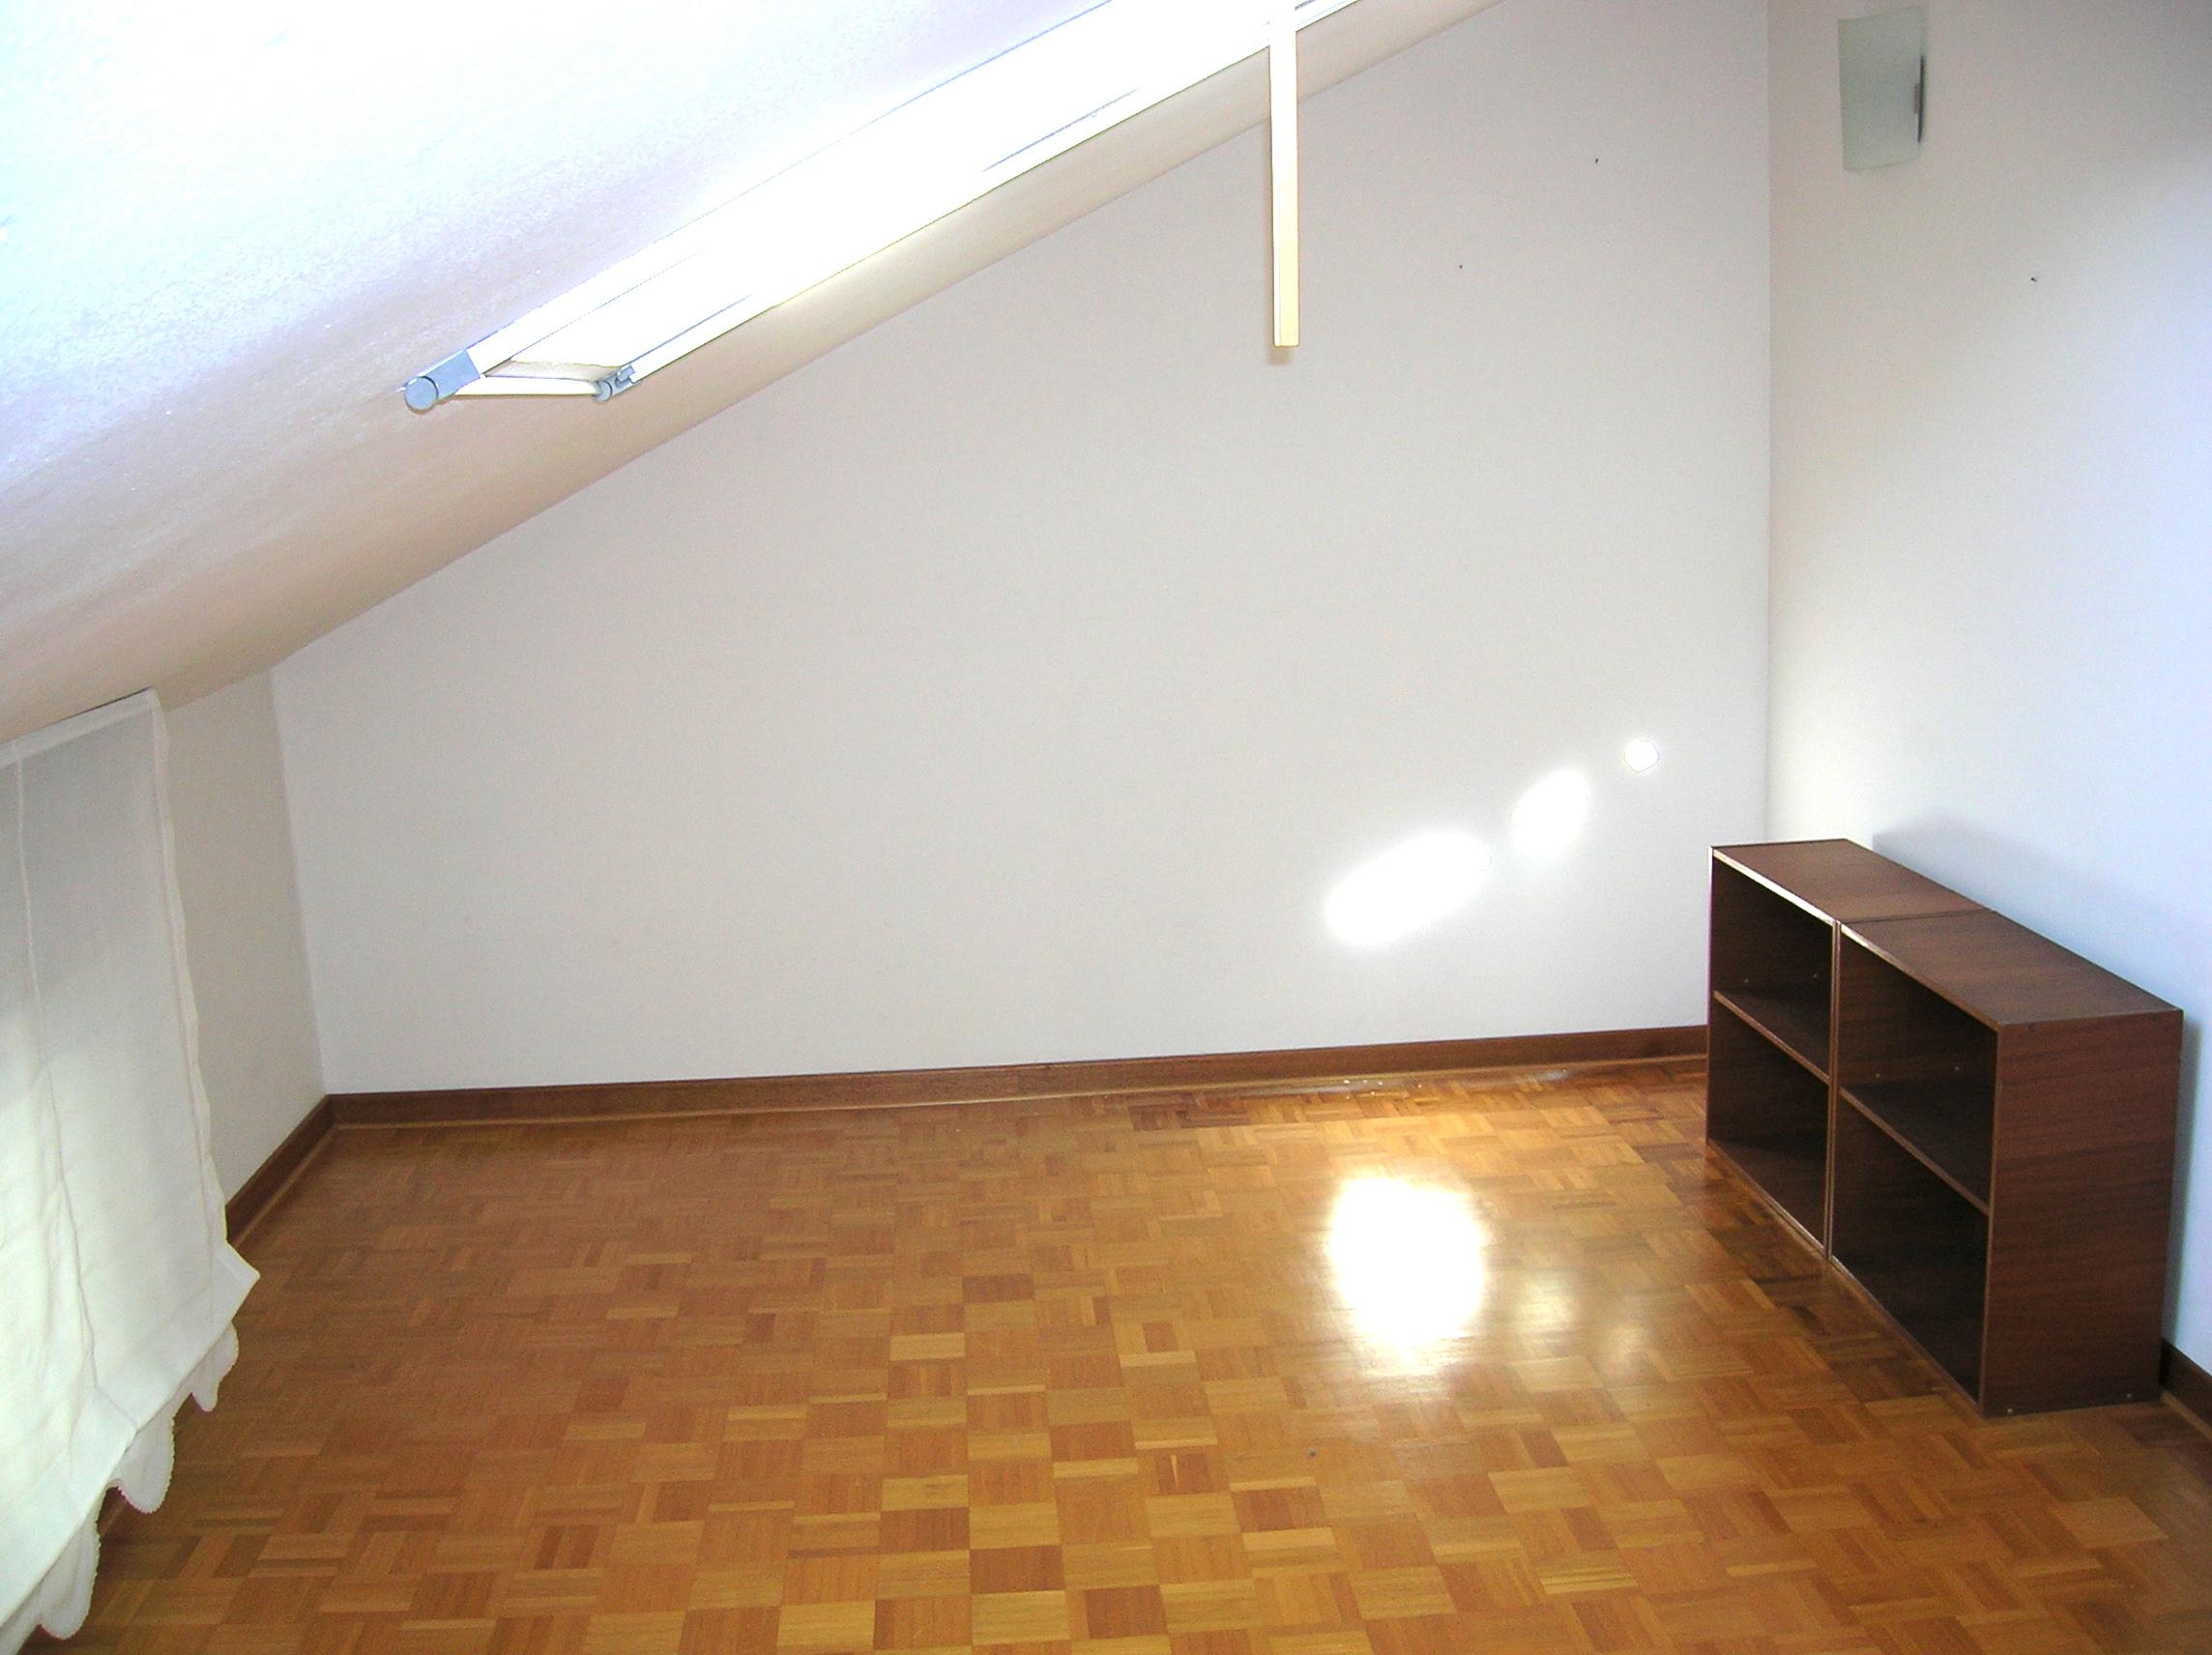 Via Colugna interni: Affittasi appartamento bicamere su due livelli con garage e cantina